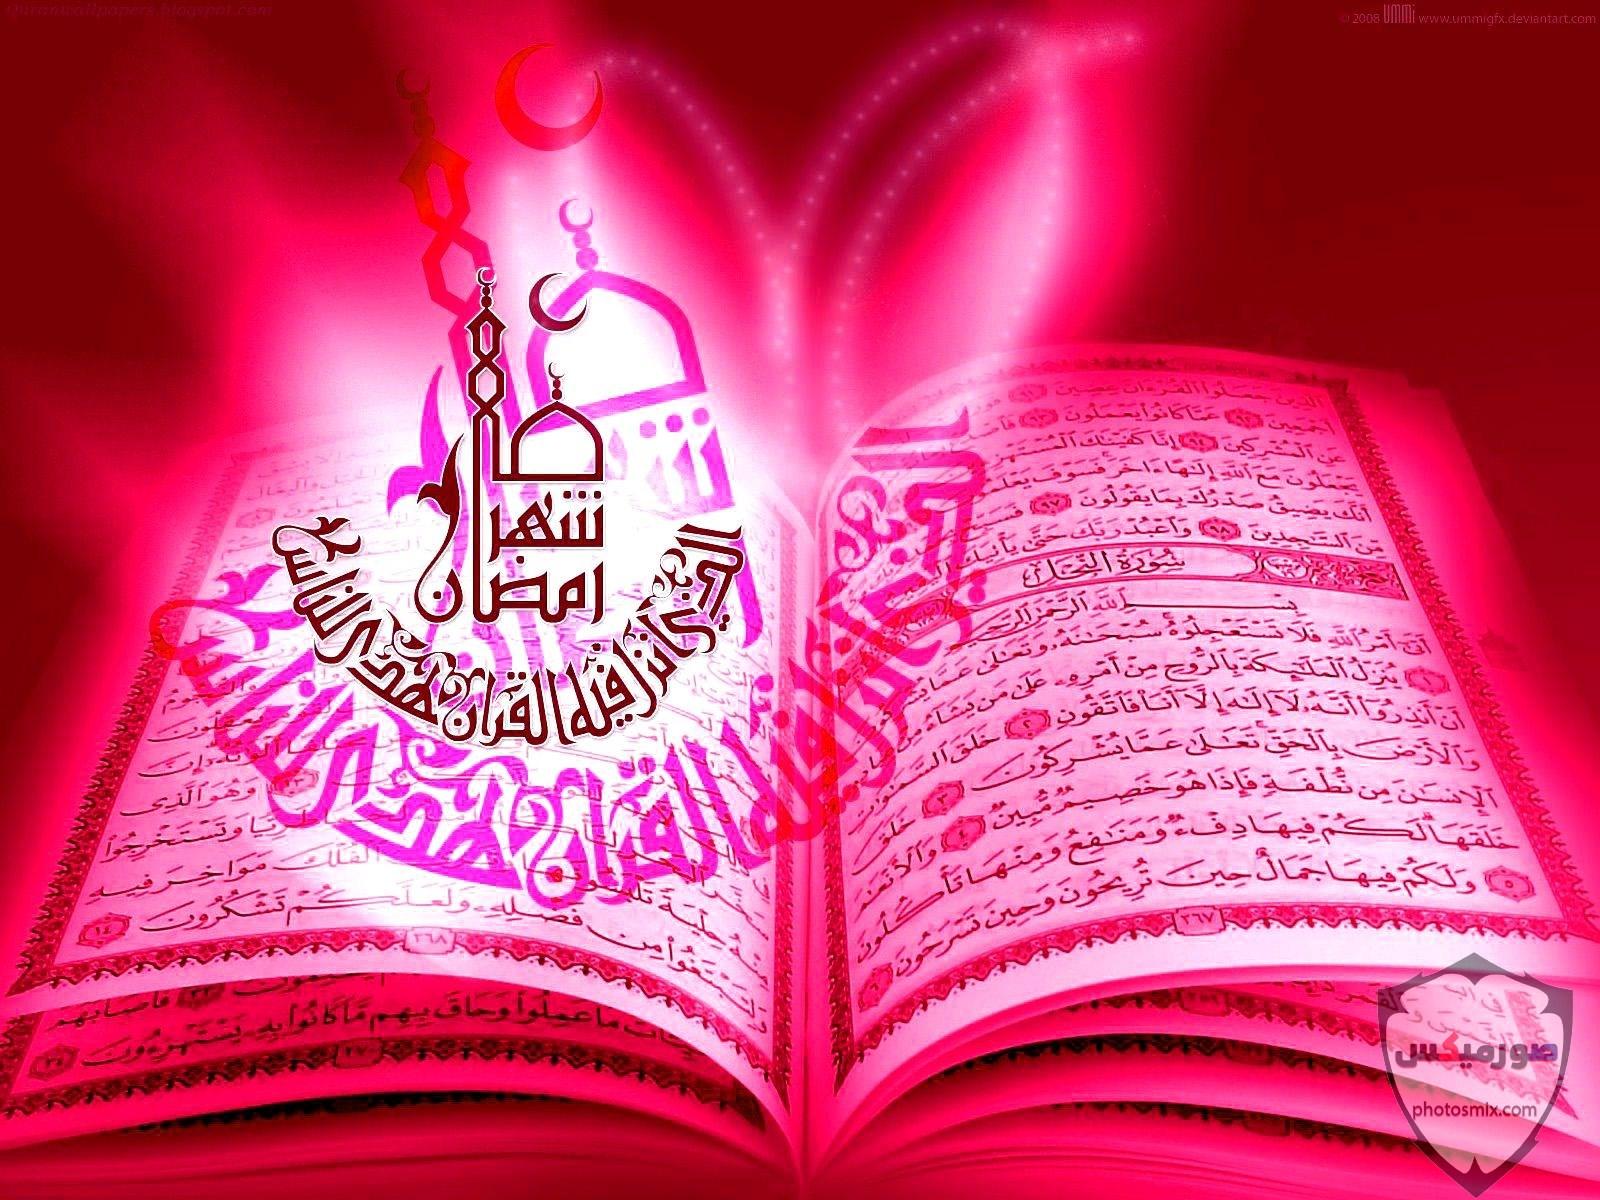 اجمل صور دينية 2020 تحميل صور اسلامية وادعية وايات قرانية وتسابيح 2021 11